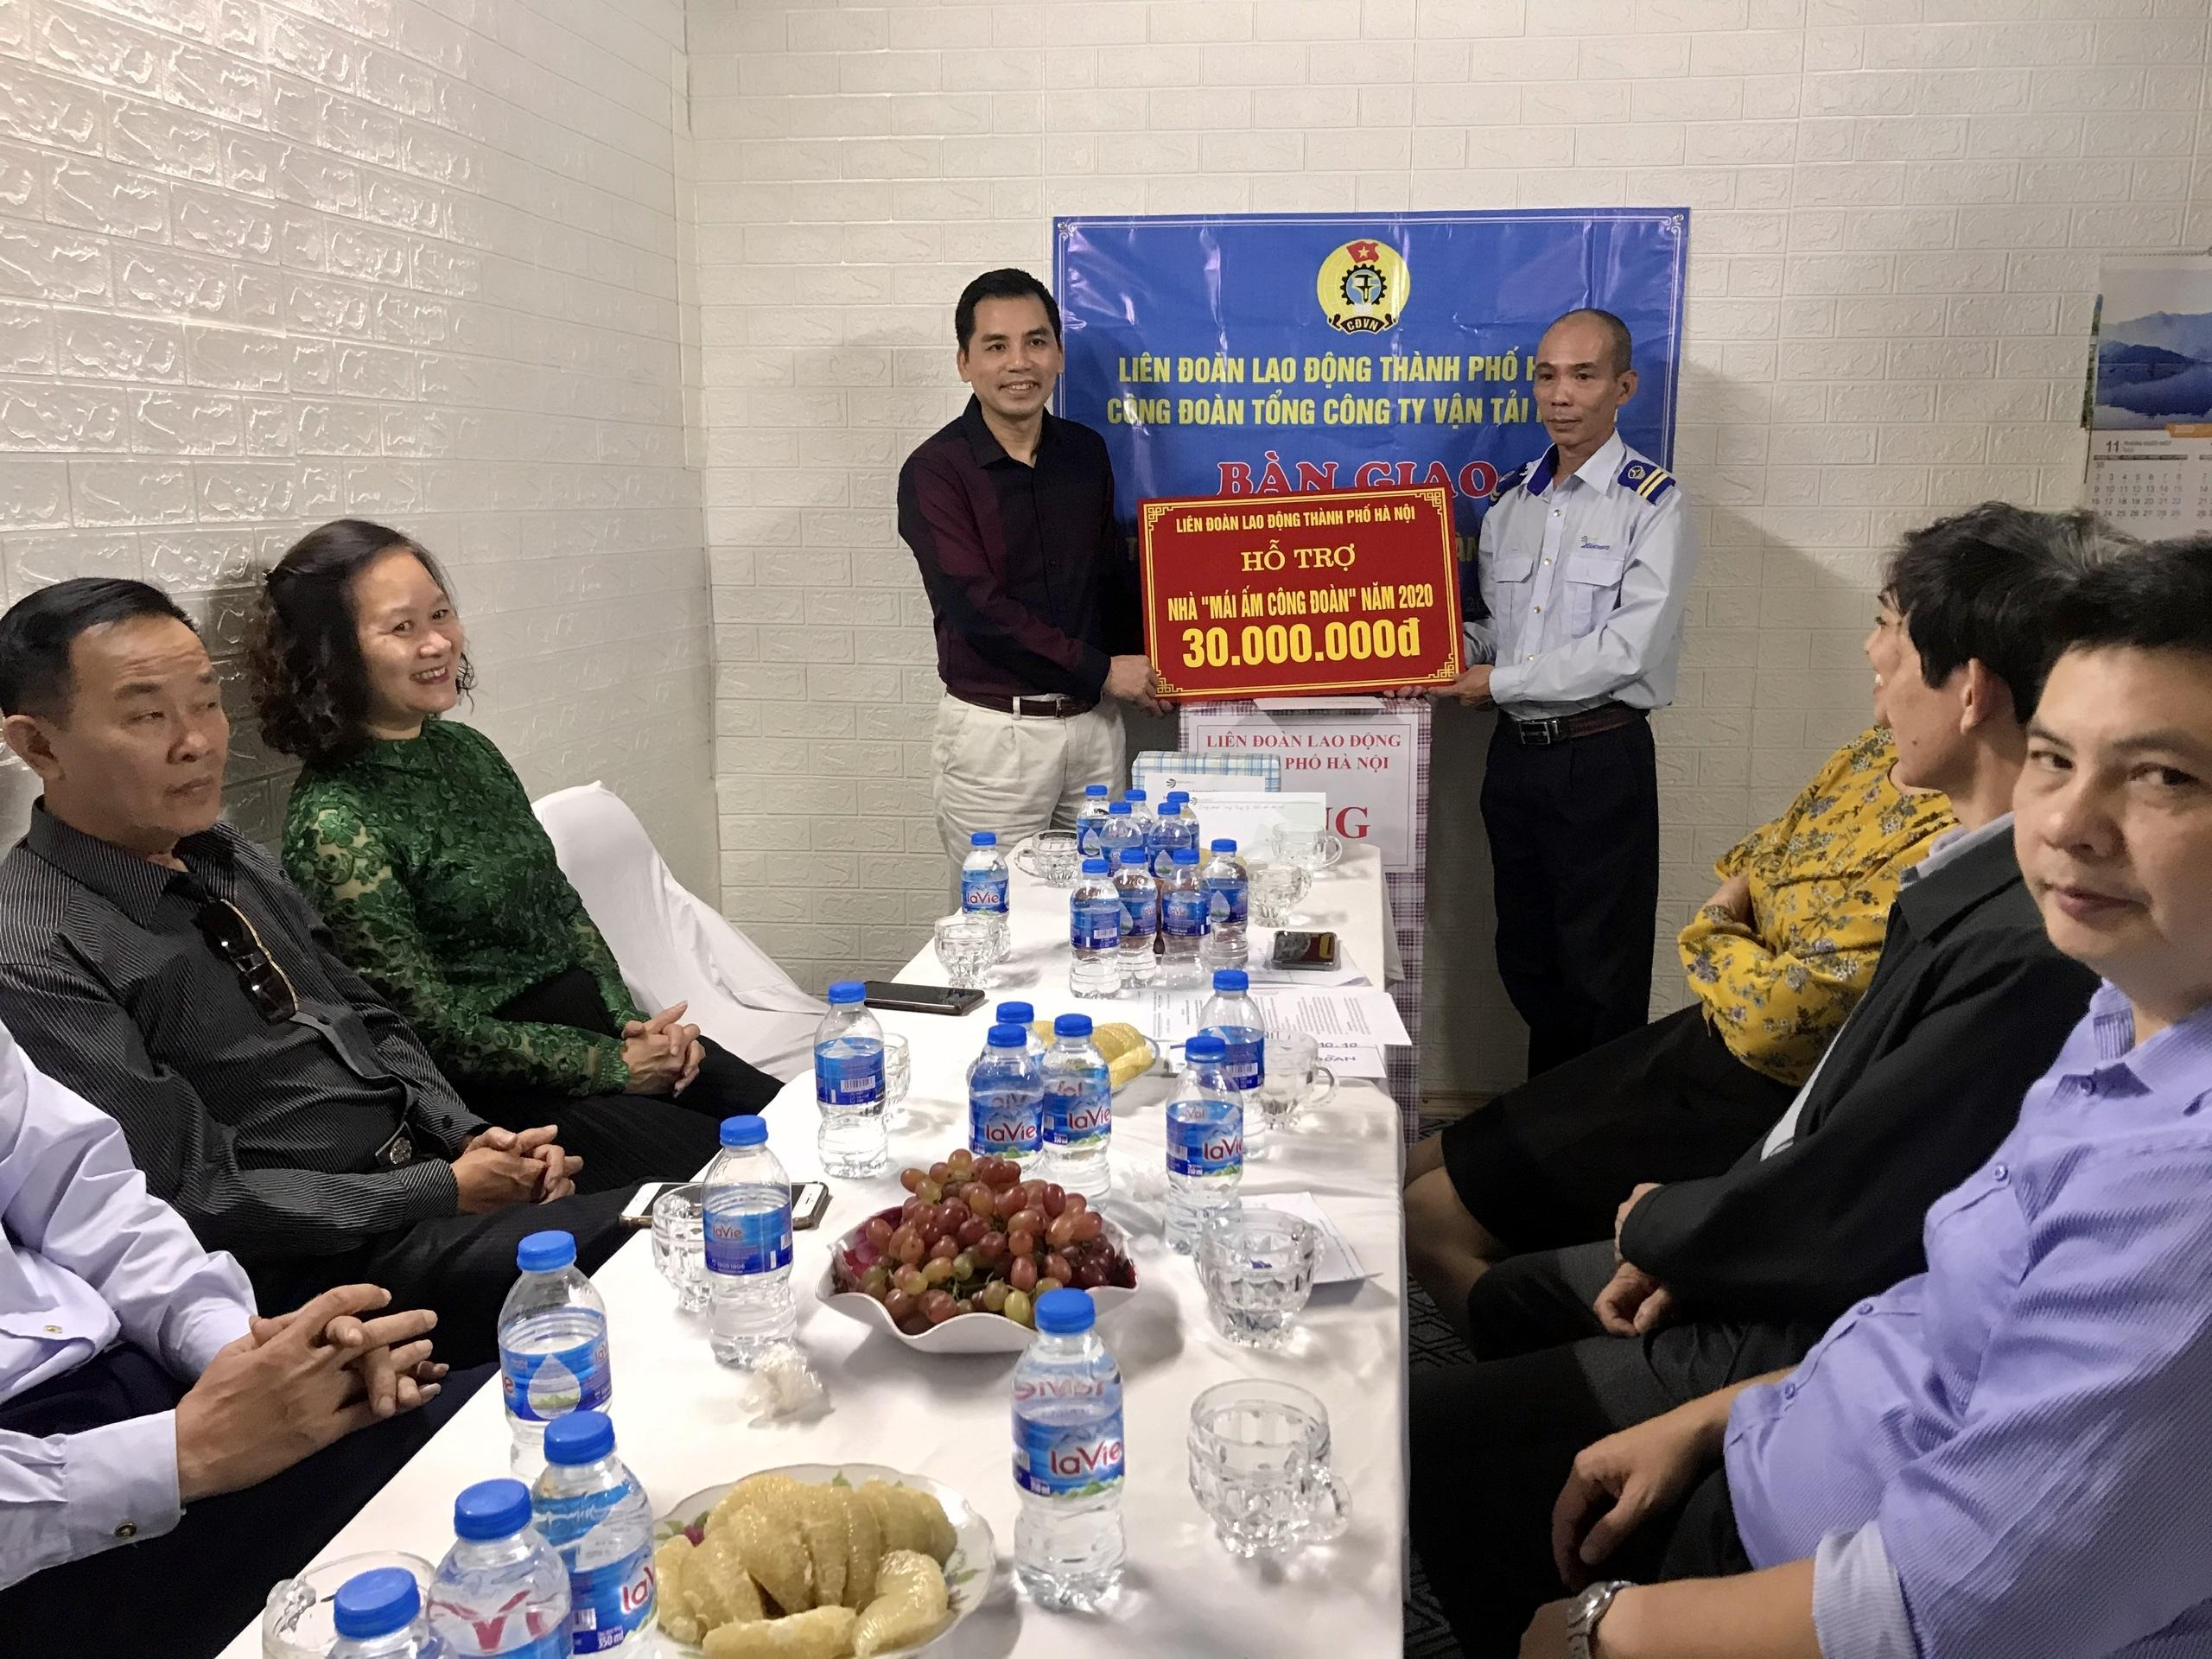 Đoàn viên Công đoàn Tổng Công ty Vận tải Hà Nội được trao